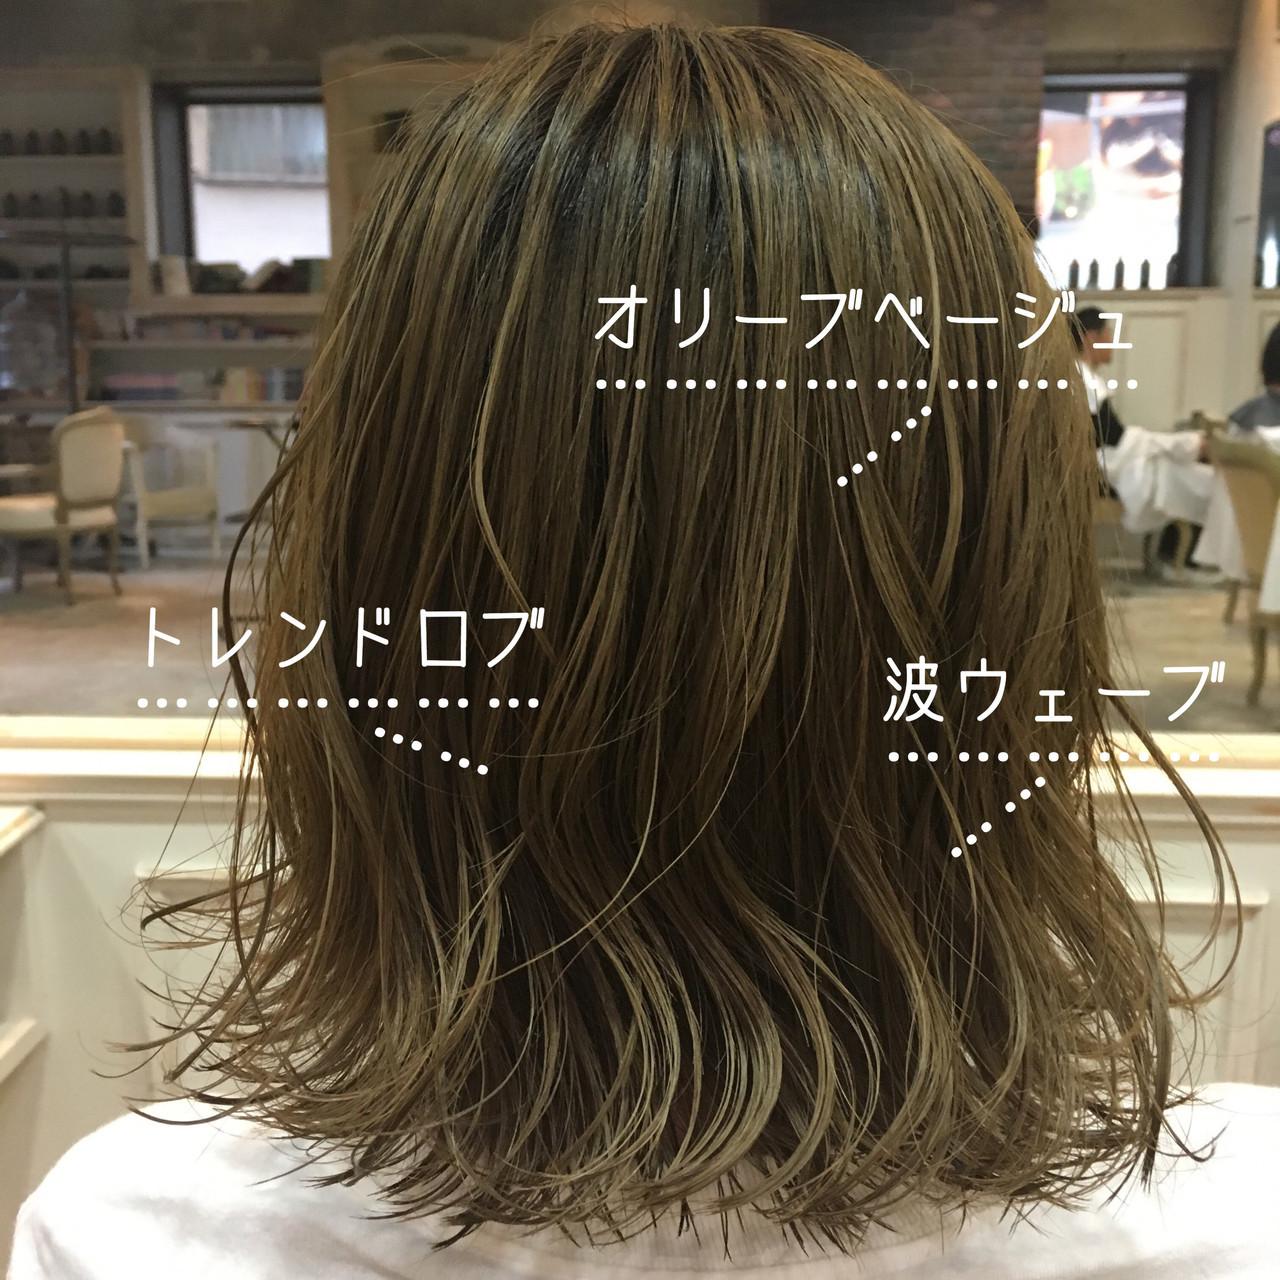 オリーブブラウン オリーブカラー オリーブベージュ ナチュラル ヘアスタイルや髪型の写真・画像